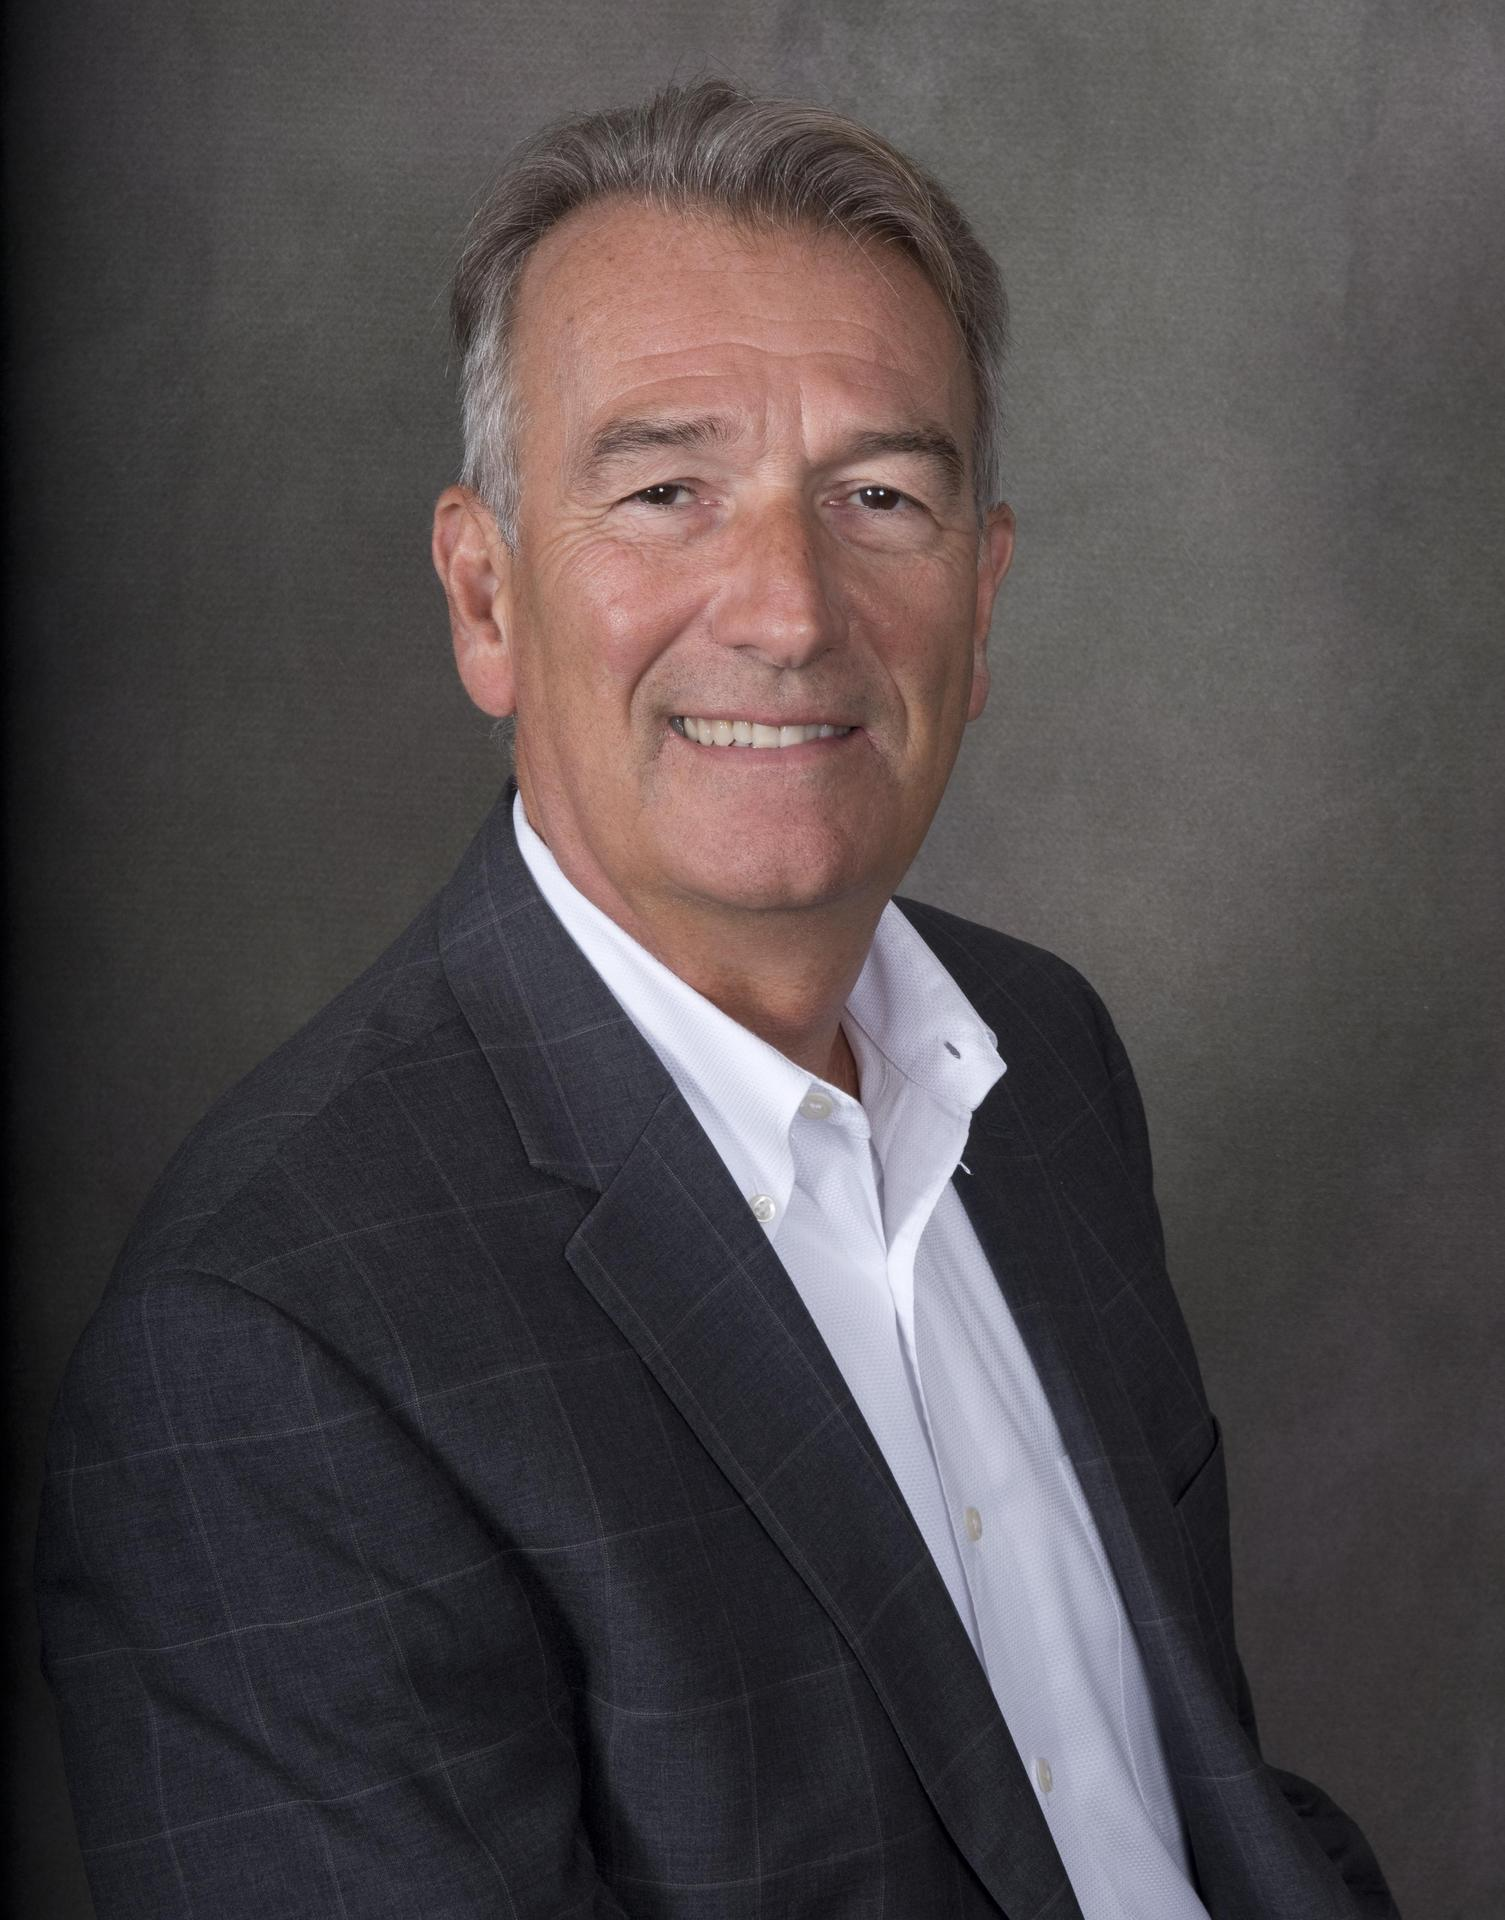 Bill Fetterhoff